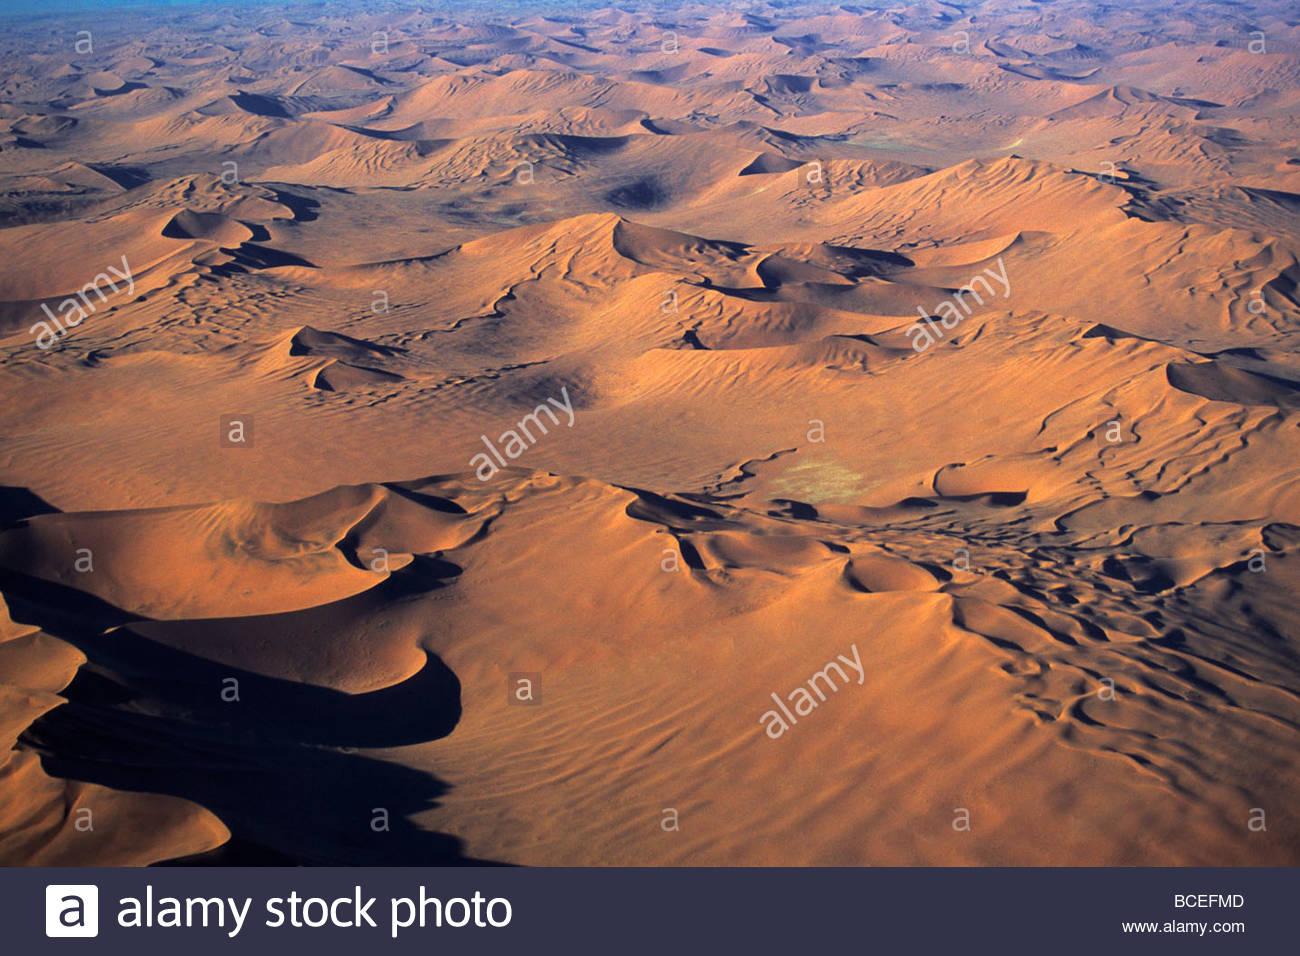 Una veduta aerea del Deserto Namibiano. Immagini Stock